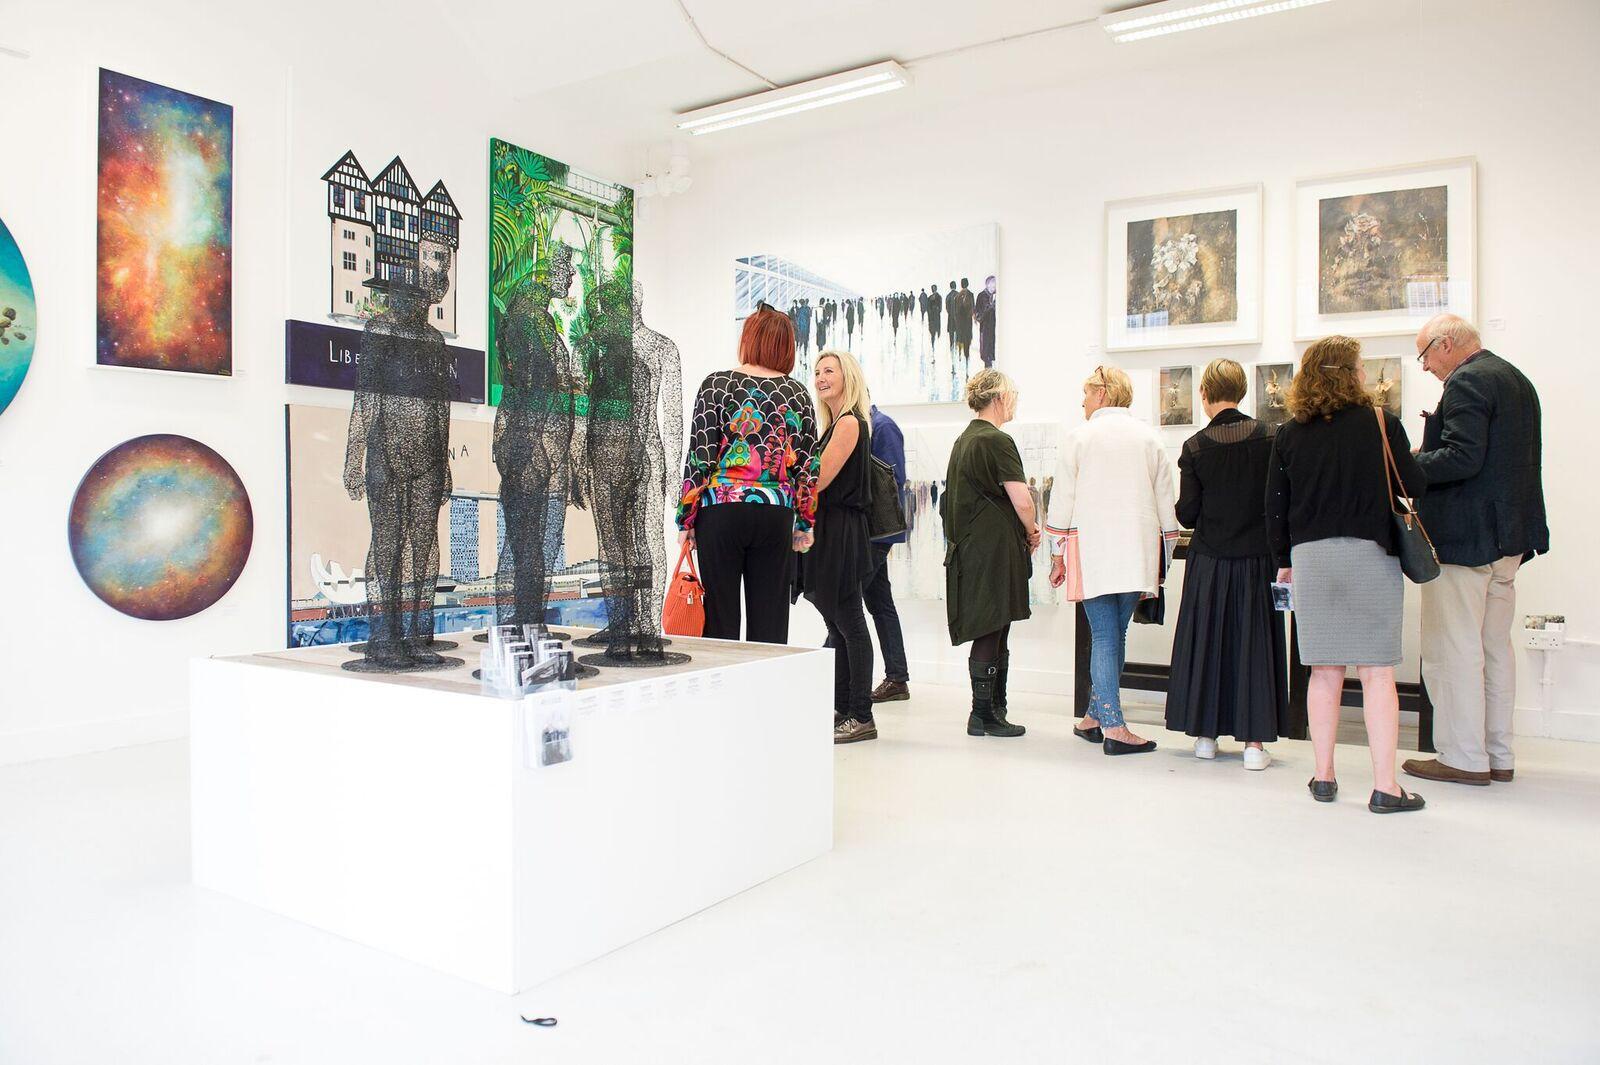 FLUX art exhibition view 2017